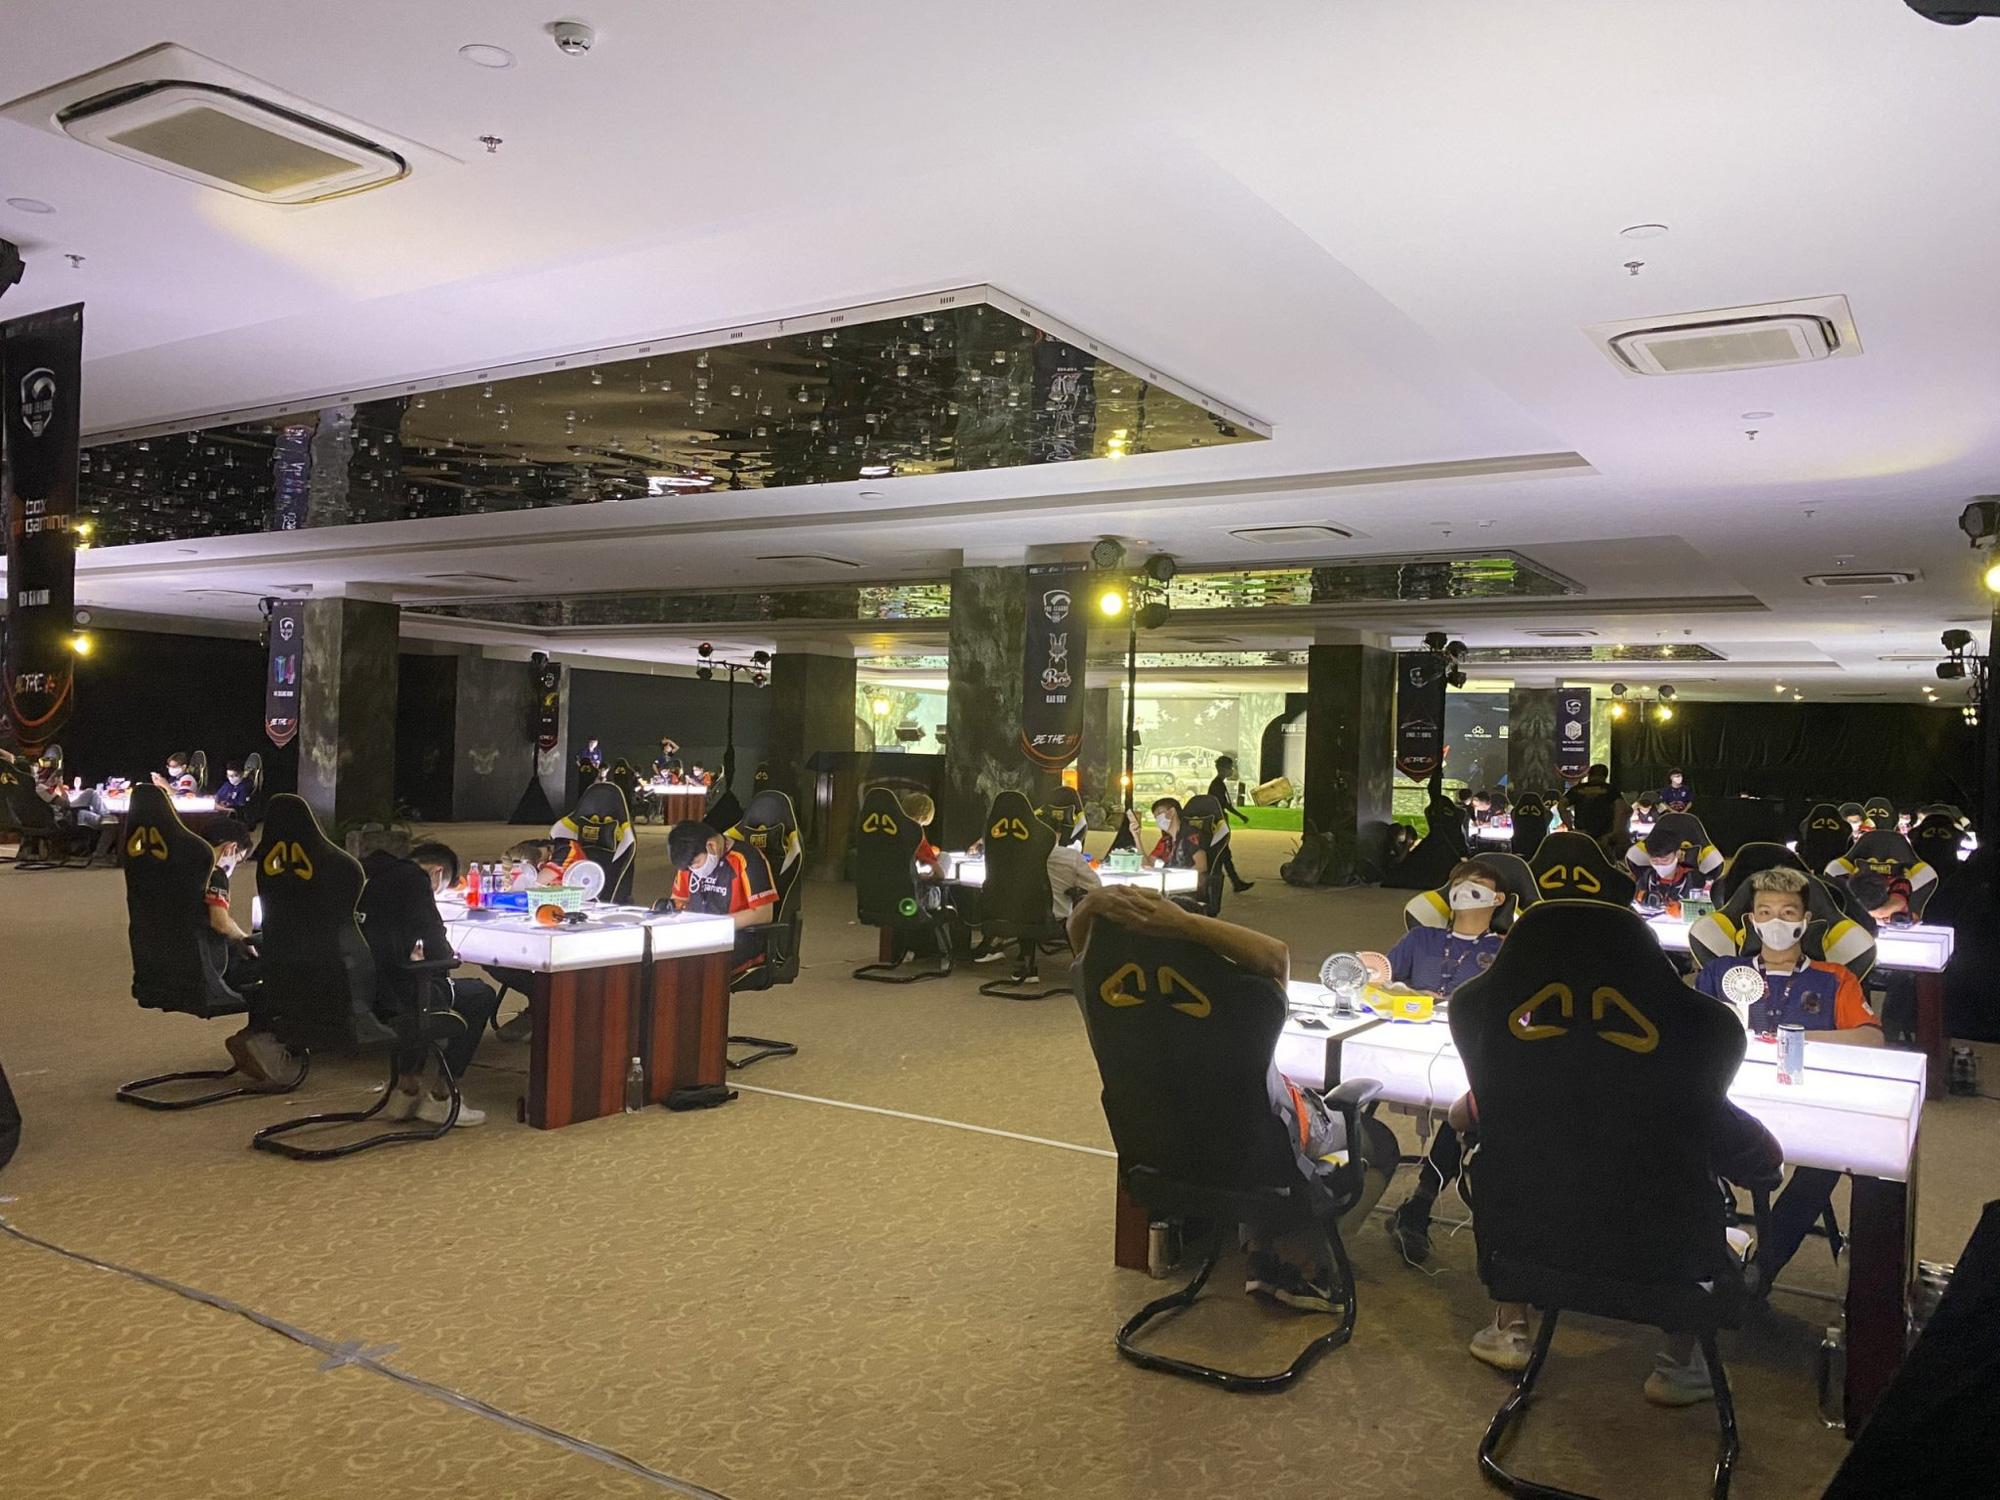 Để hơn 100 người tham gia giải game online bất chấp lệnh cấm, Cocobay Đà Nẵng bị phạt 15 triệu đồng-1